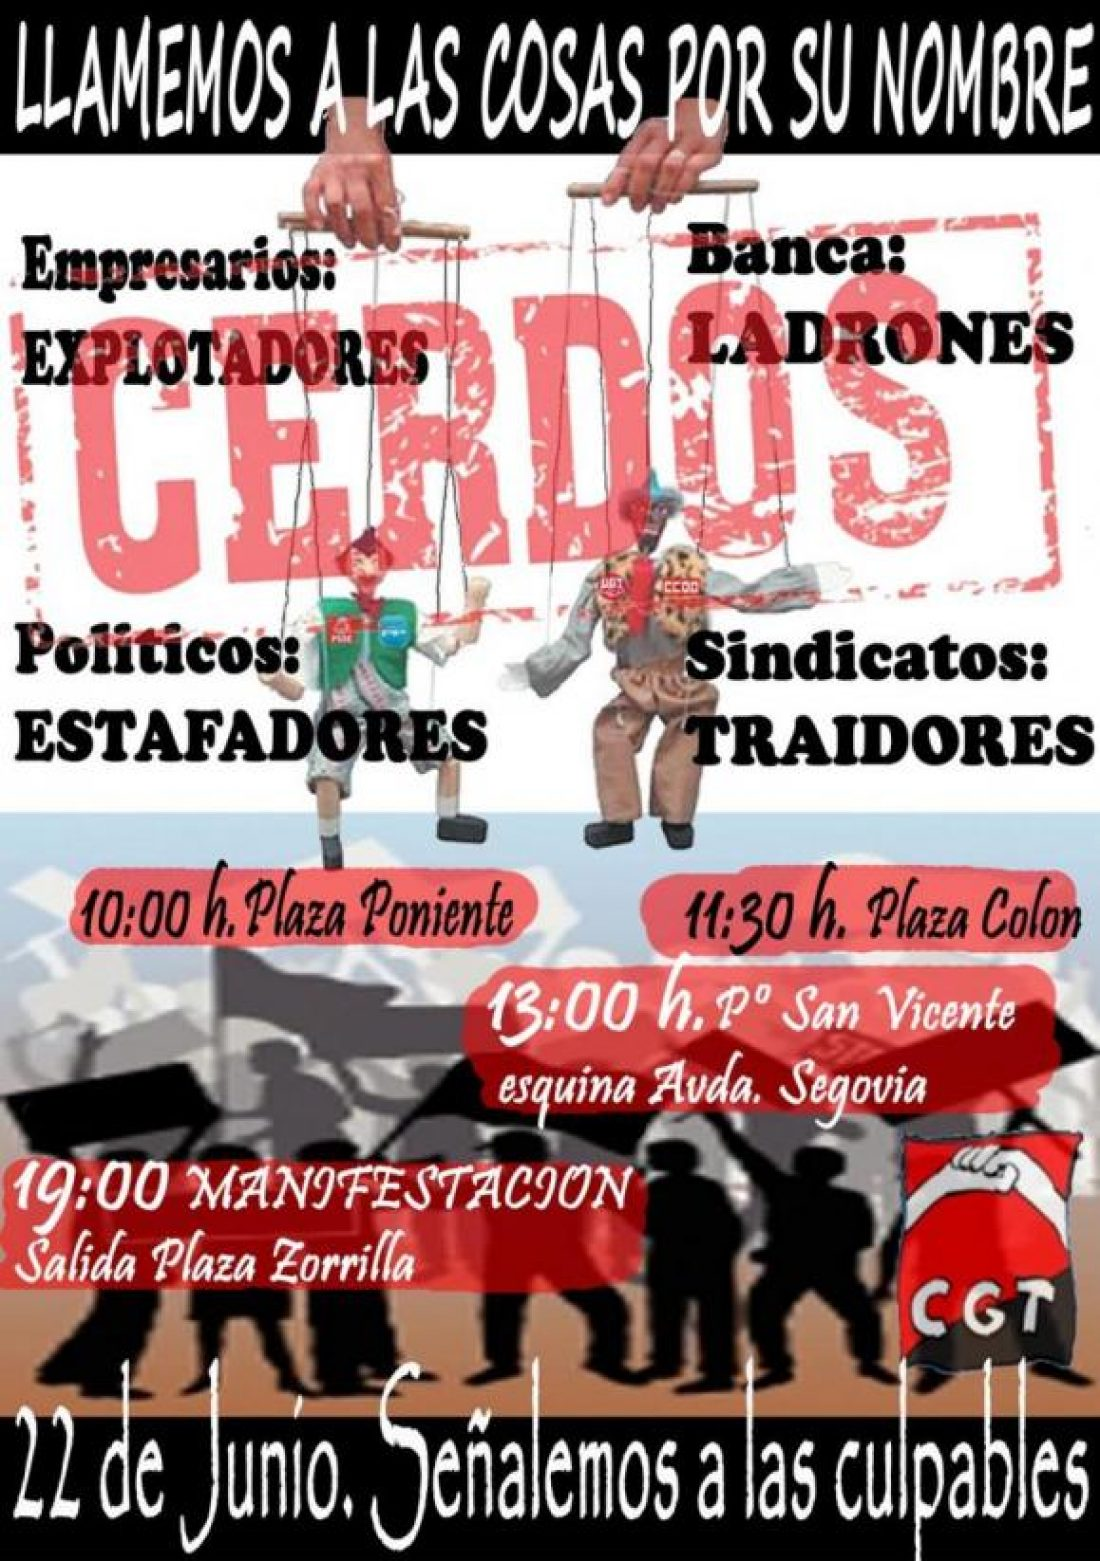 Valladolid, 22 de junio: Jornada de Lucha «Llamemos a las cosas por su nombre. Señalemos a los culpables»